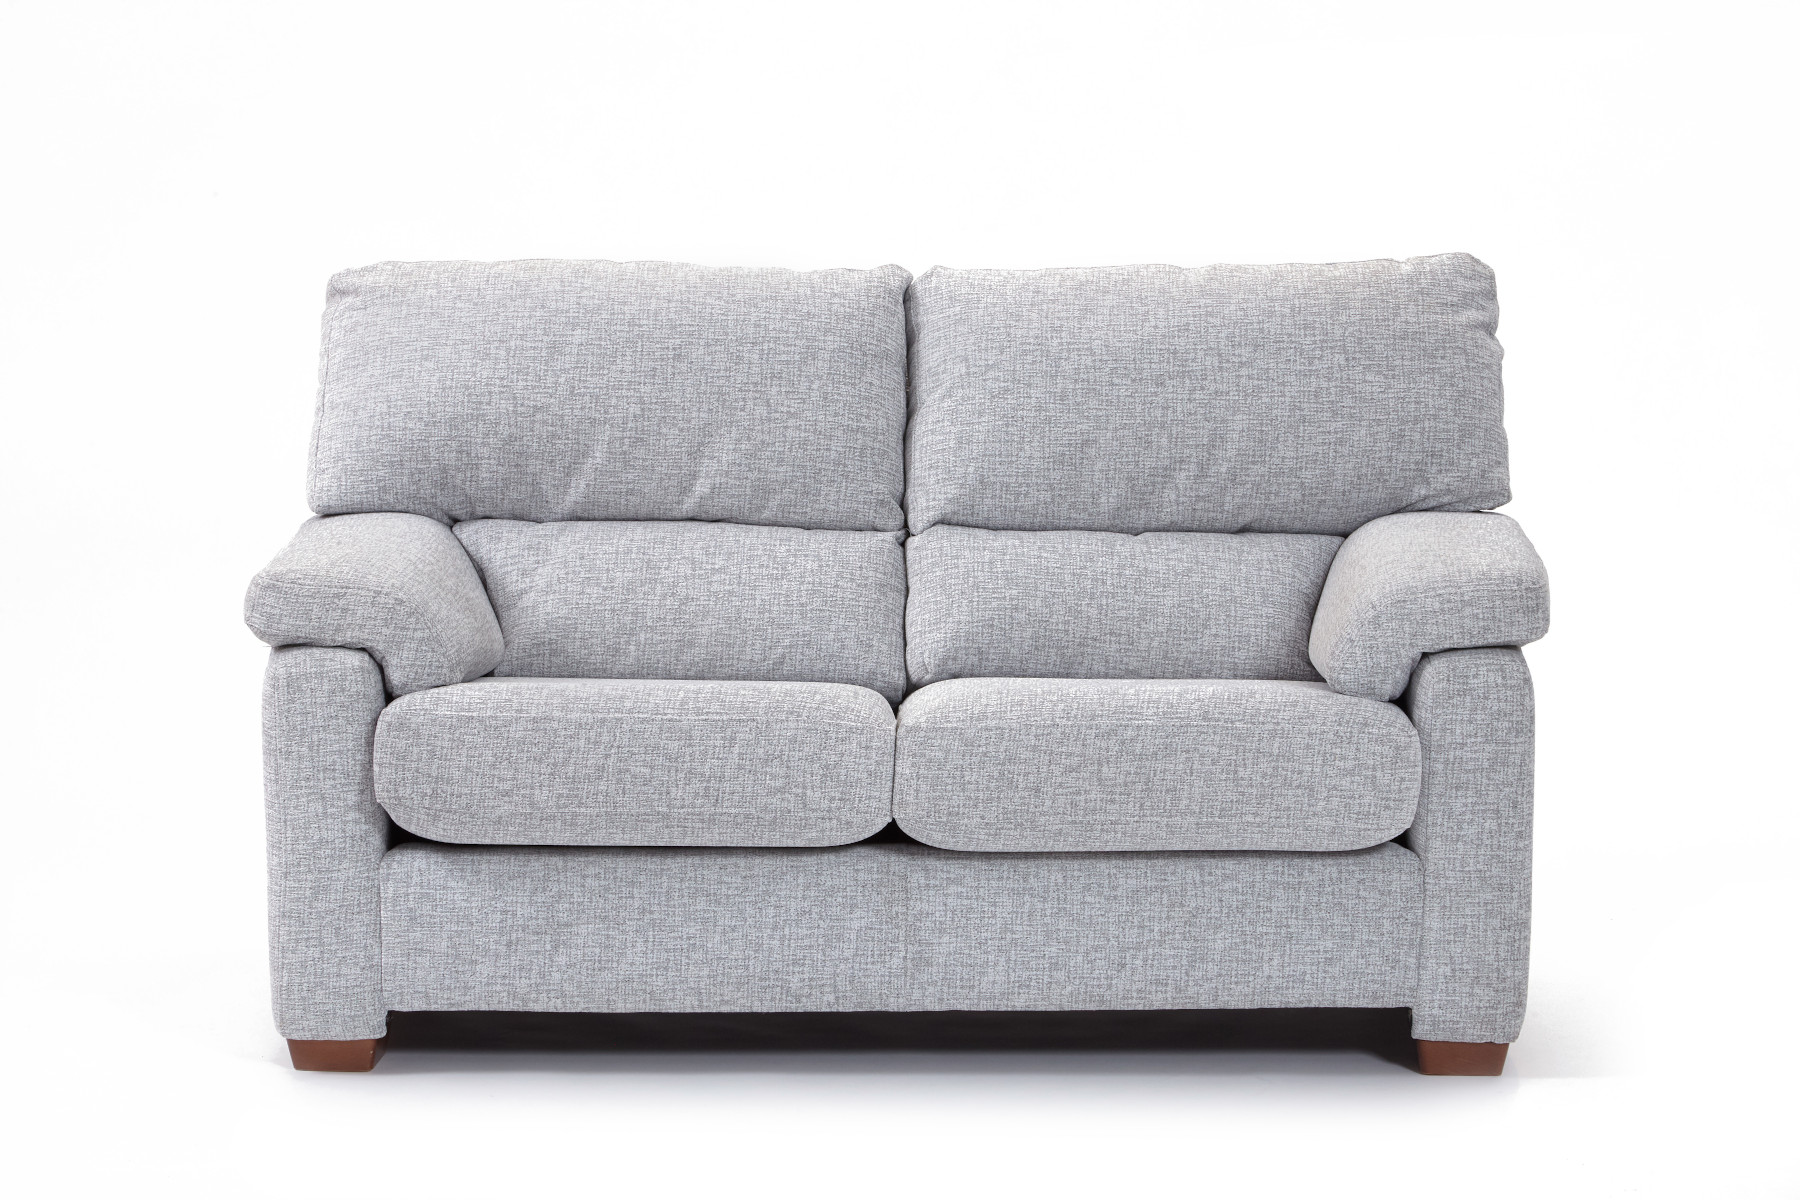 Baldwin 2 Seater Sofa